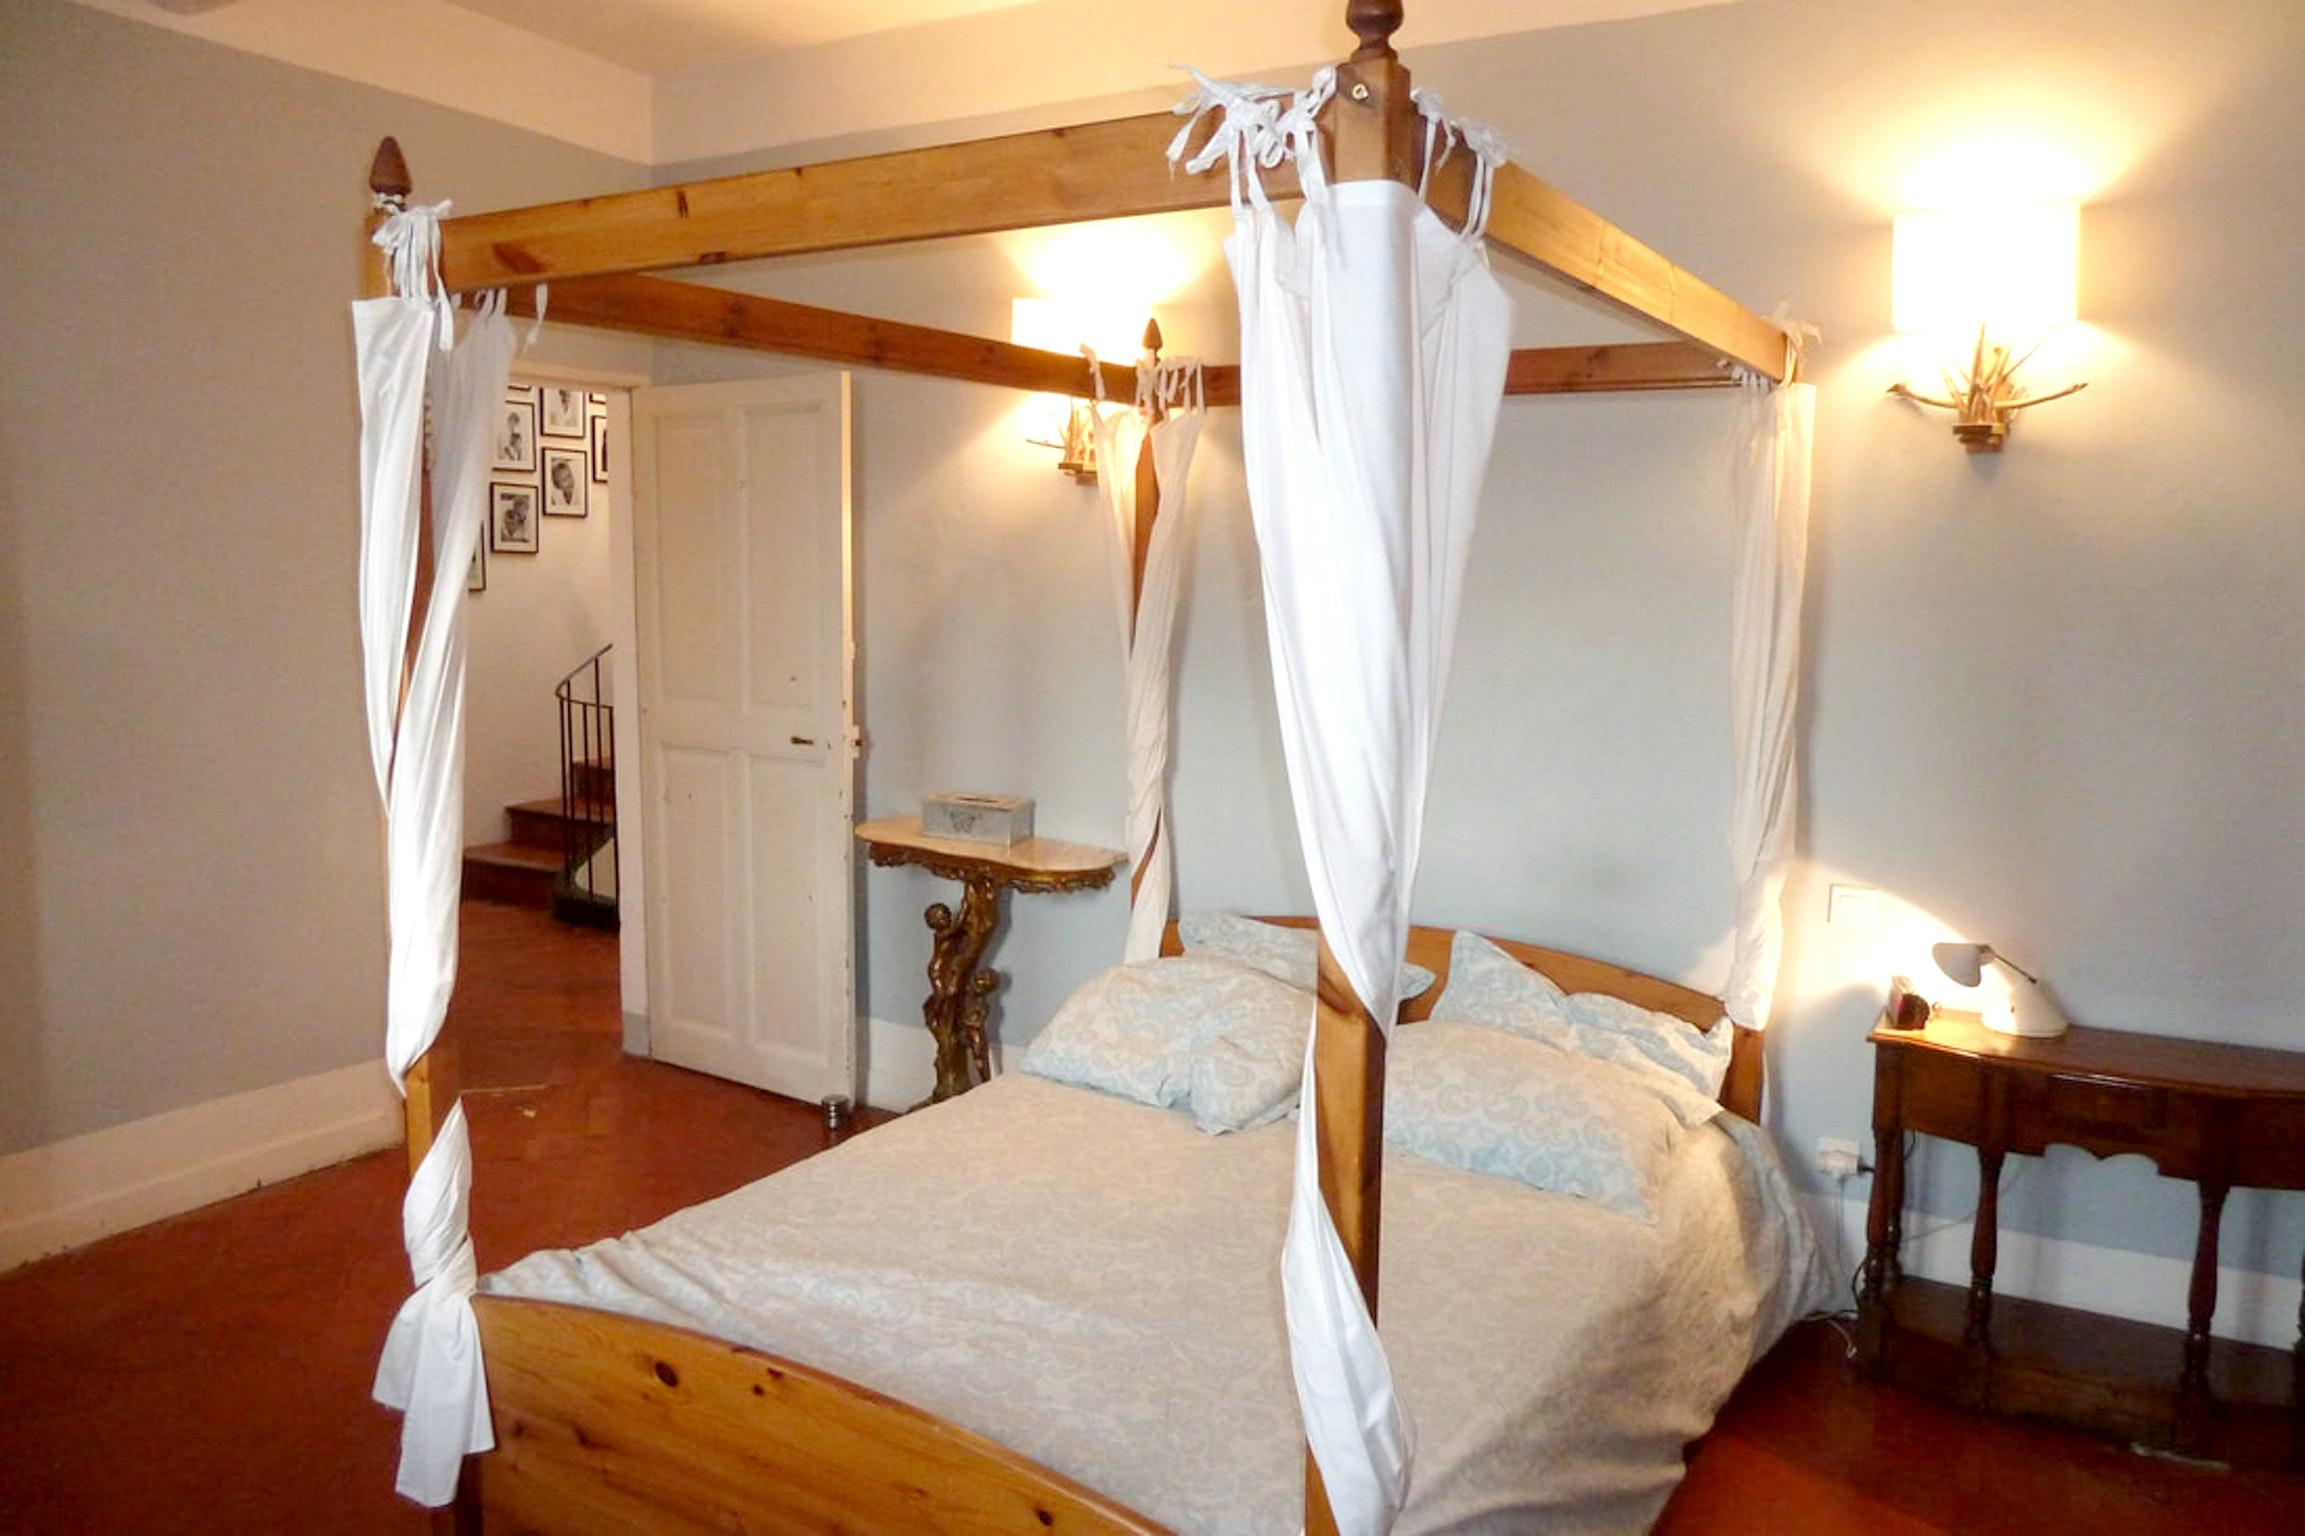 Ferienhaus Haus mit 6 Schlafzimmern in Pernes-les-Fontaines mit privatem Pool, möbliertem Garten und  (2377414), Pernes les Fontaines, Saône-et-Loire, Burgund, Frankreich, Bild 22